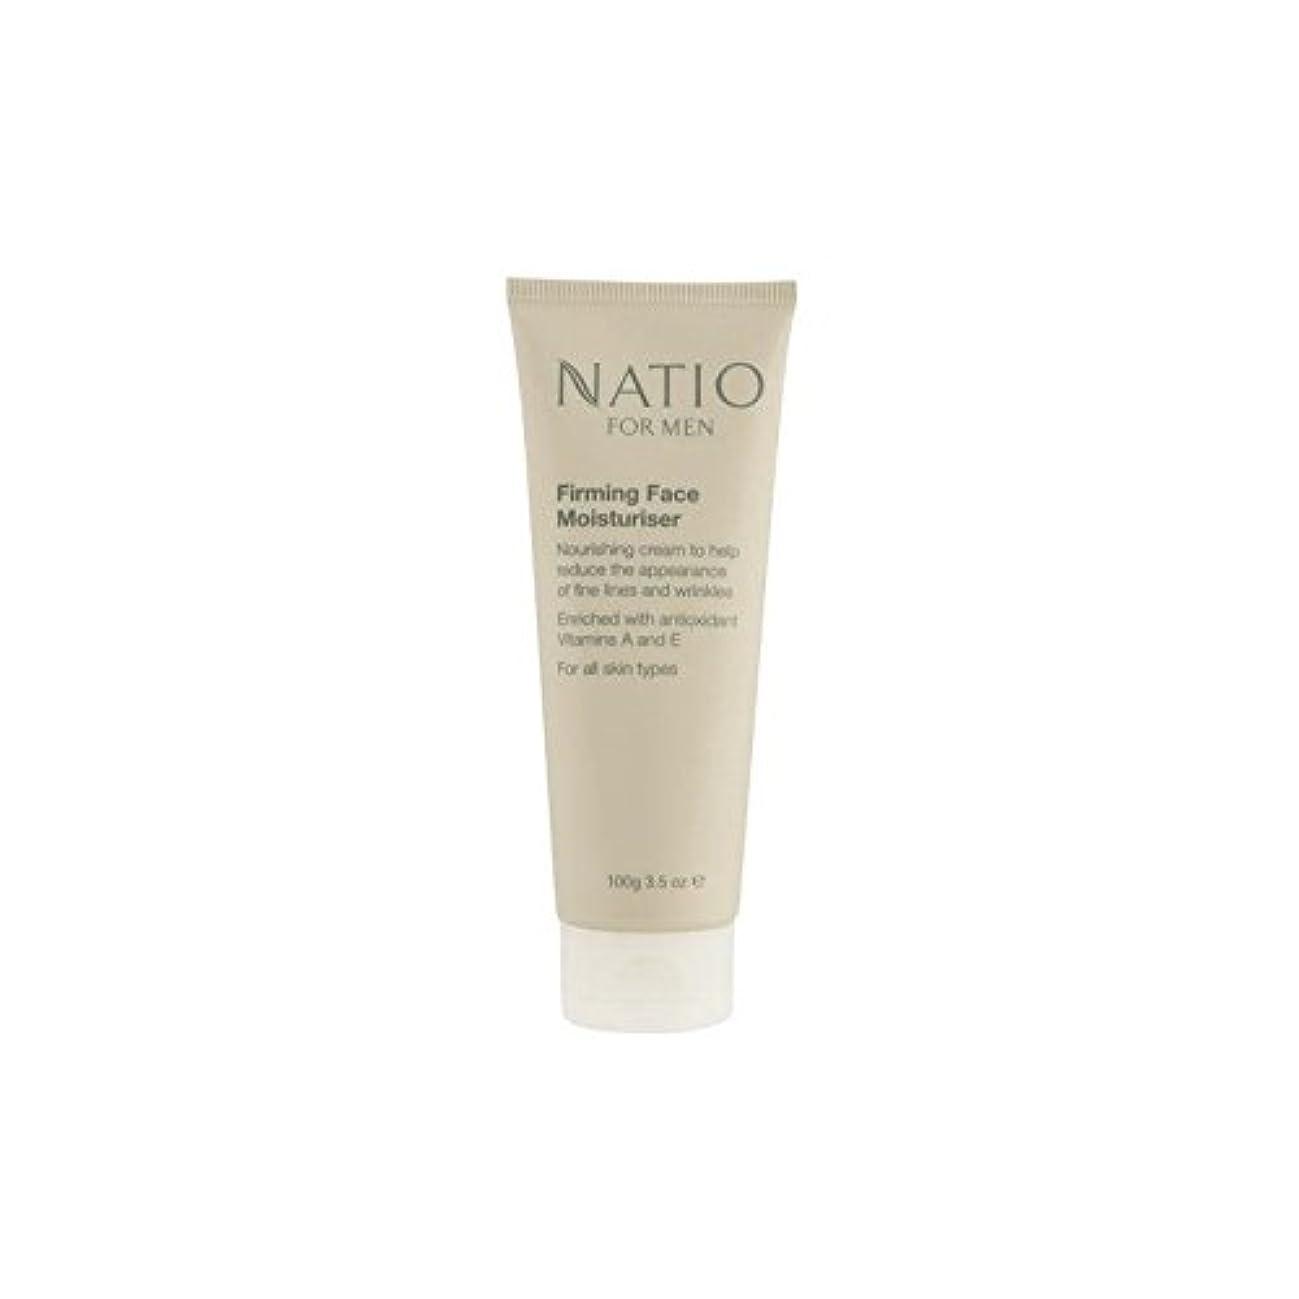 気付く散らすリテラシー顔の保湿剤を引き締め男性のための(100グラム) x2 - Natio For Men Firming Face Moisturiser (100G) (Pack of 2) [並行輸入品]